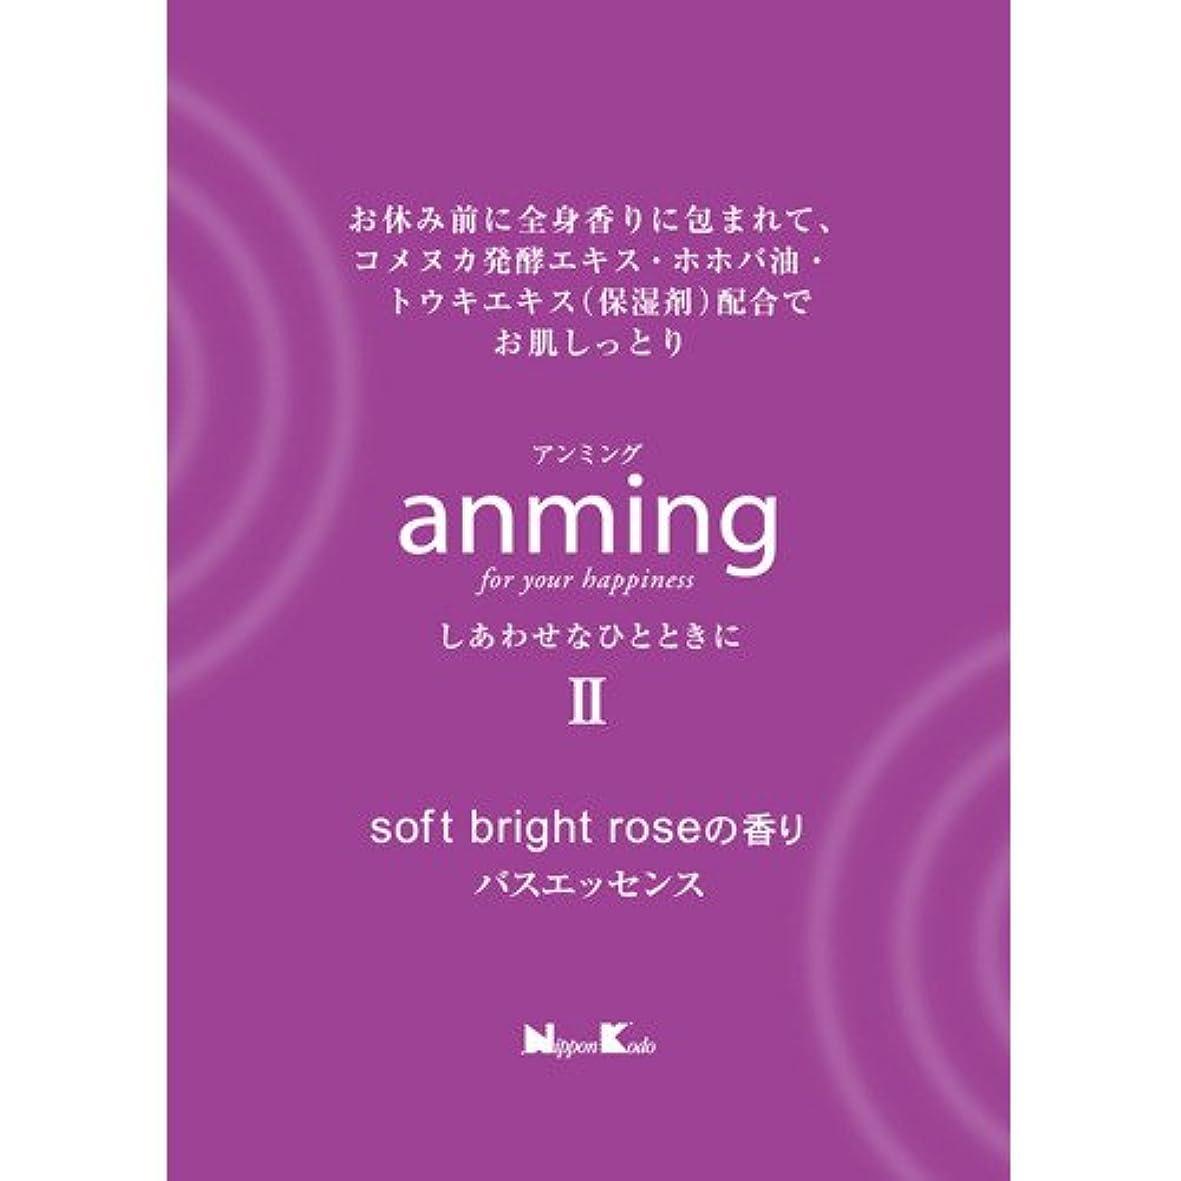 アンミング2 バスエッセンス ミニタイプ 48ml